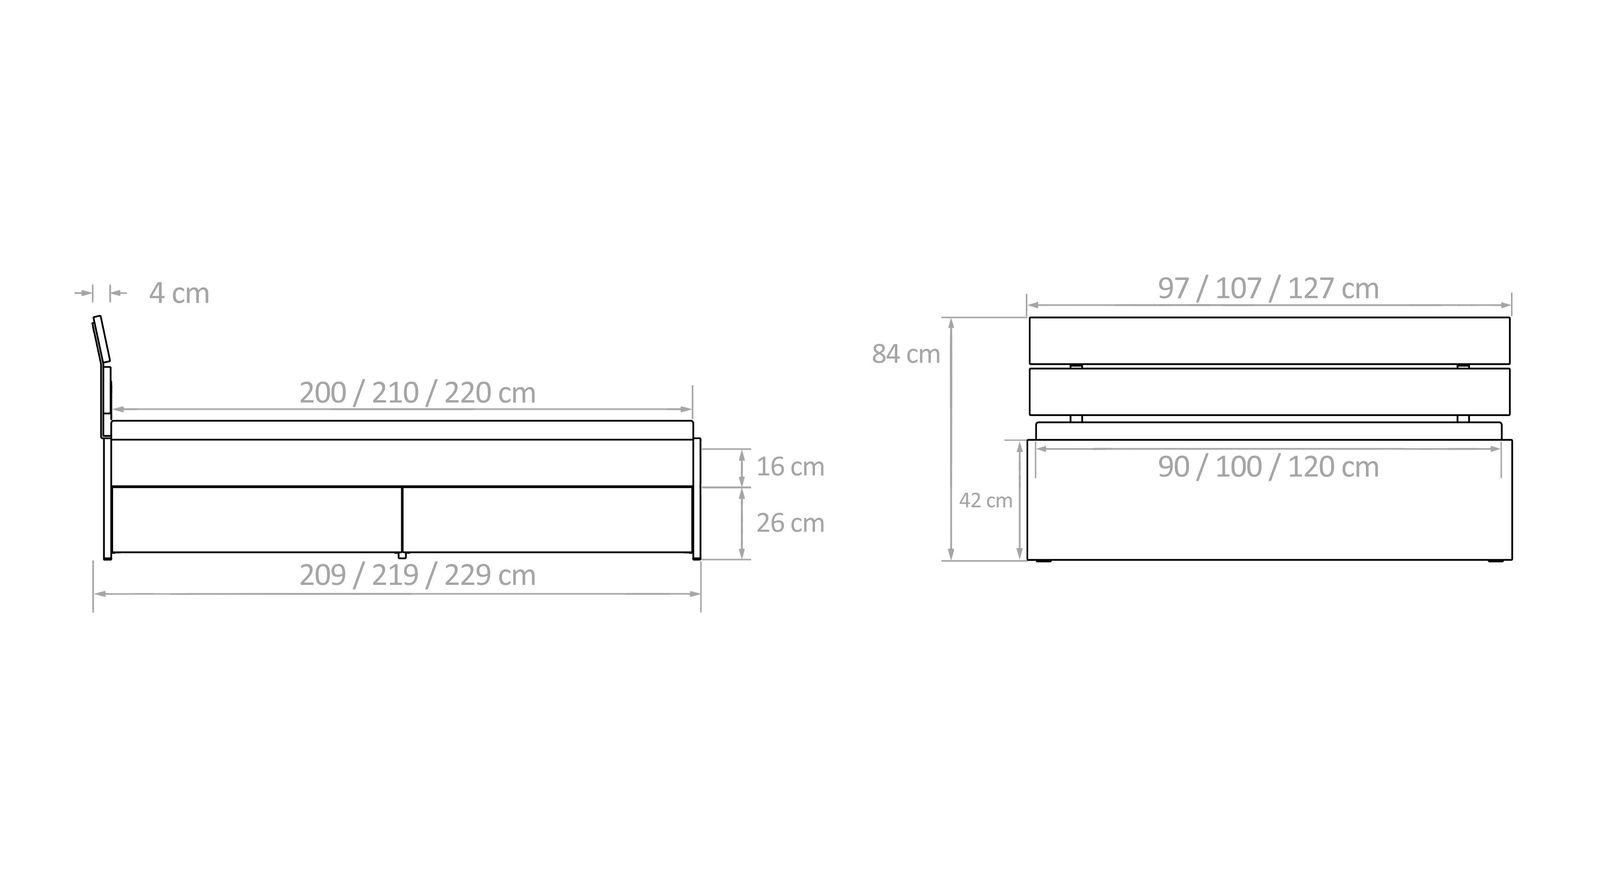 Bemaßungsskizze für Schubkasten-Einzelbetten